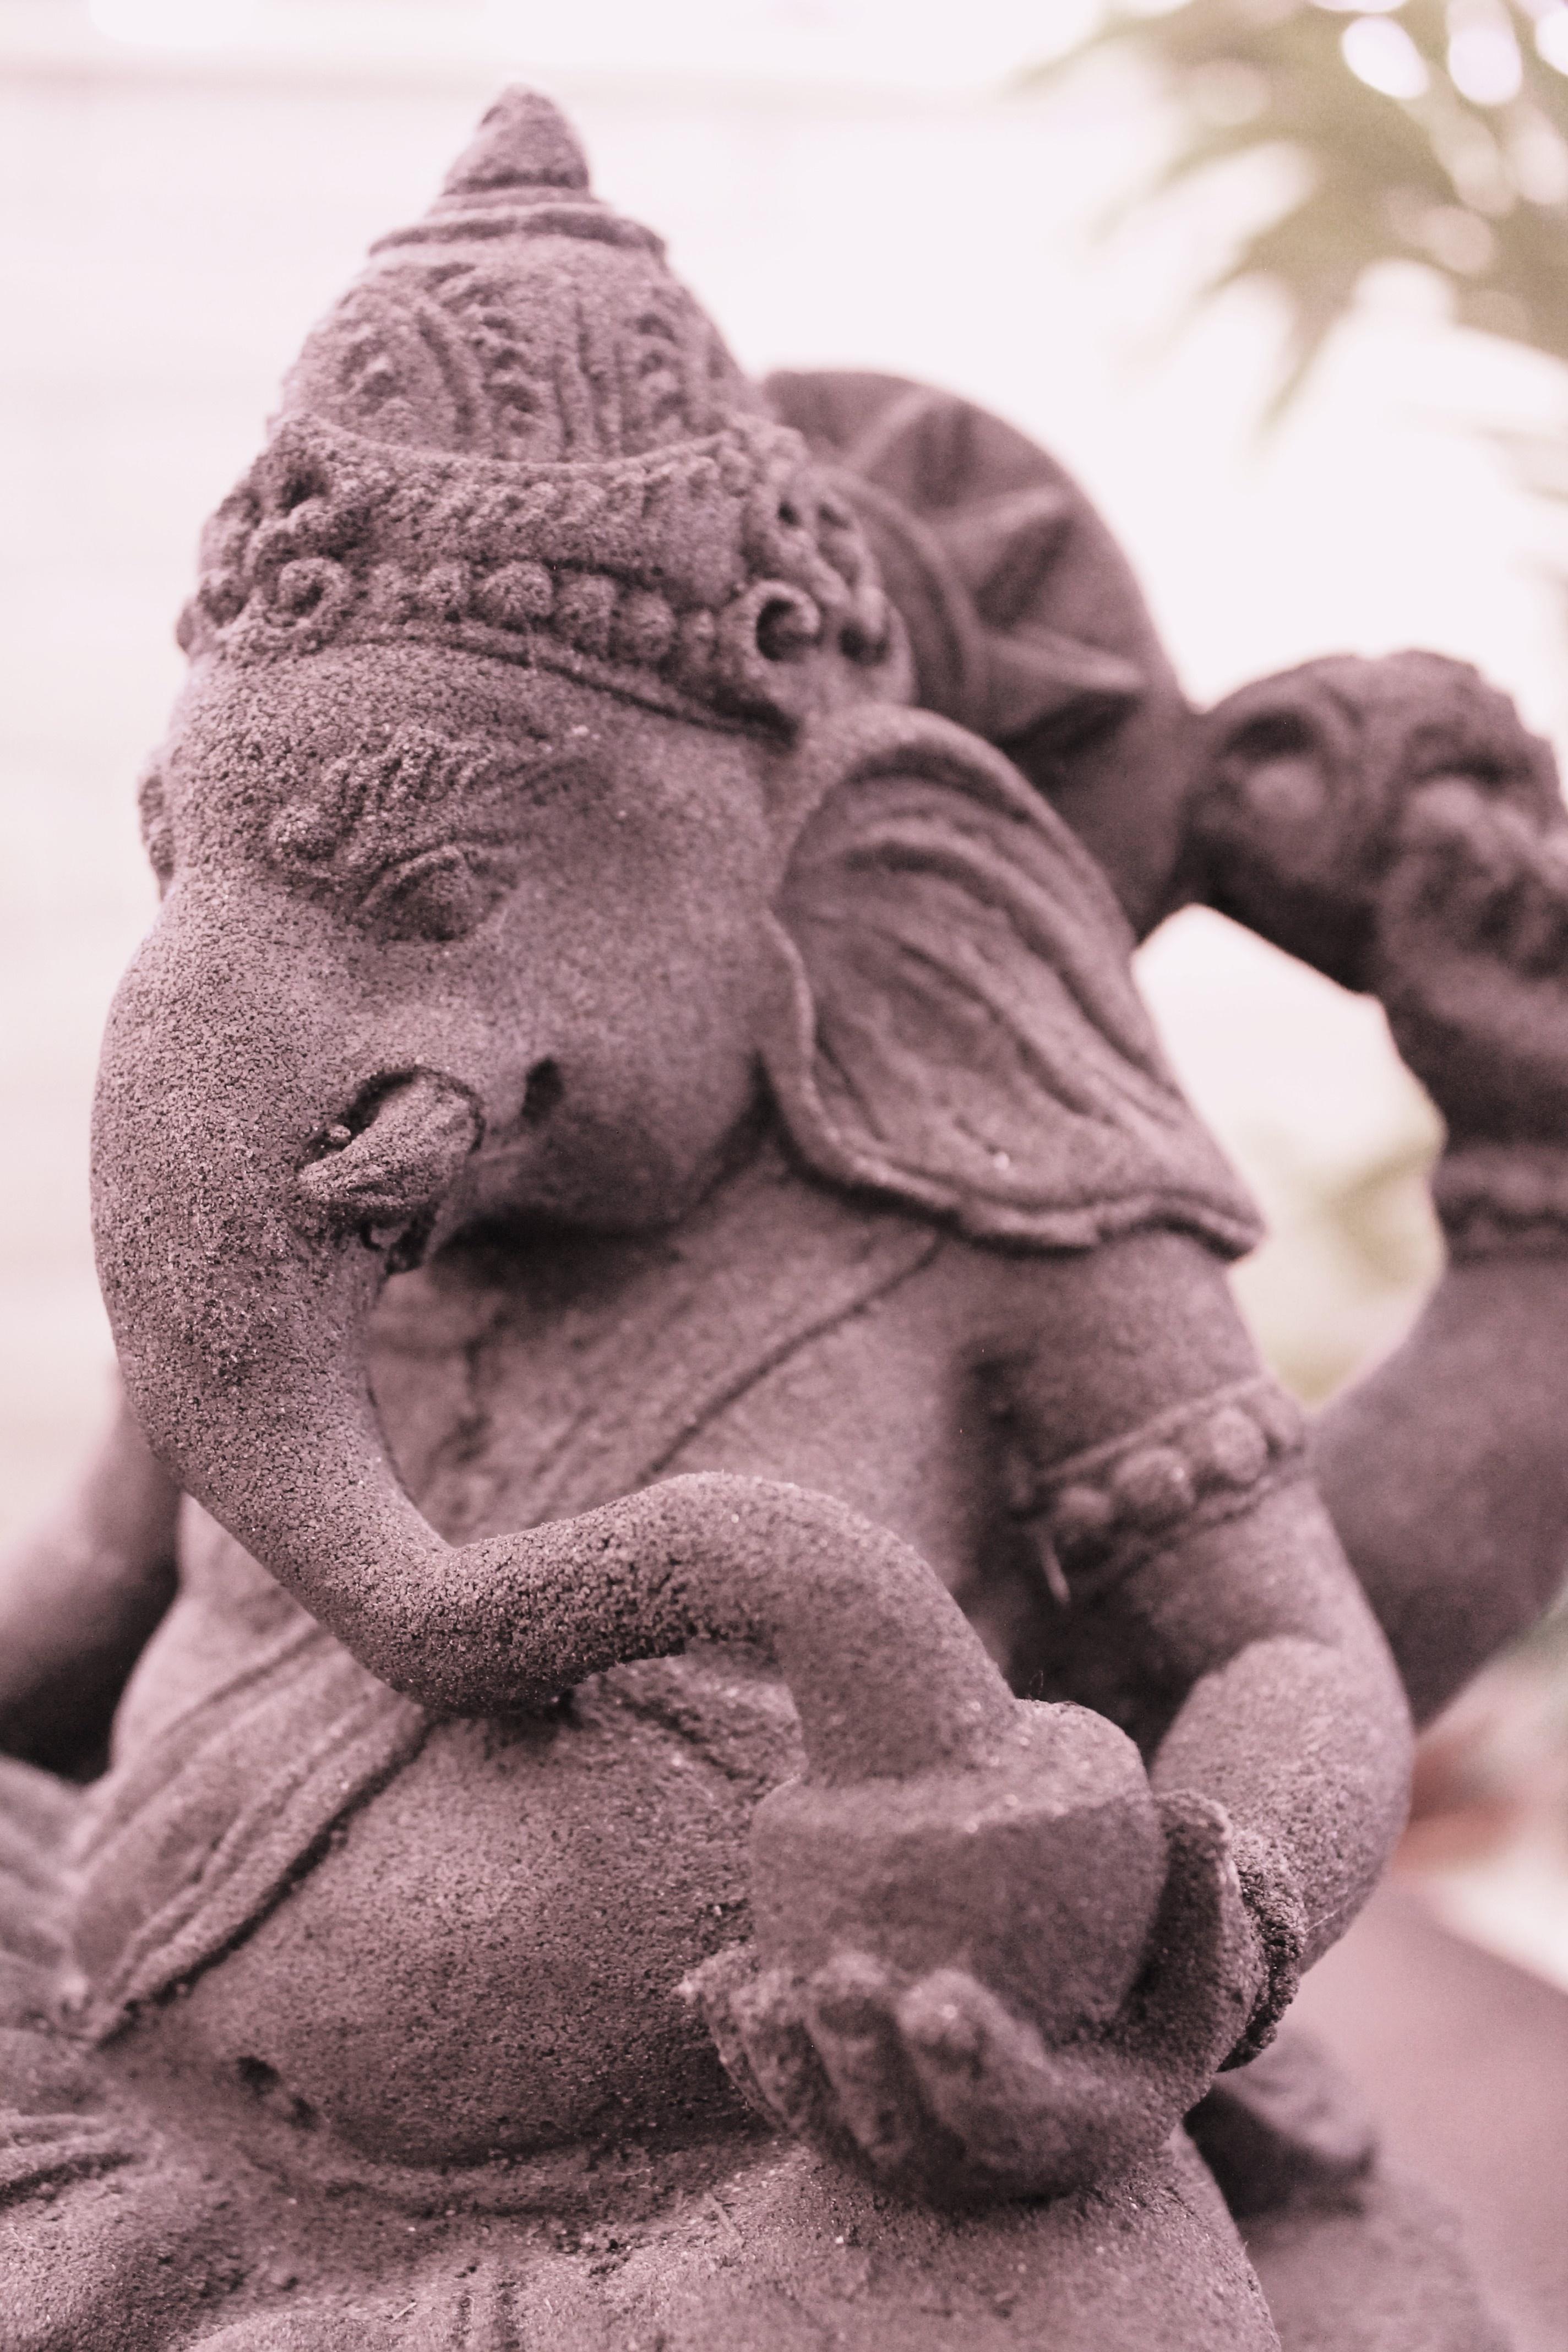 Gambar : Monumen, merenungkan, agama Budha, dupa